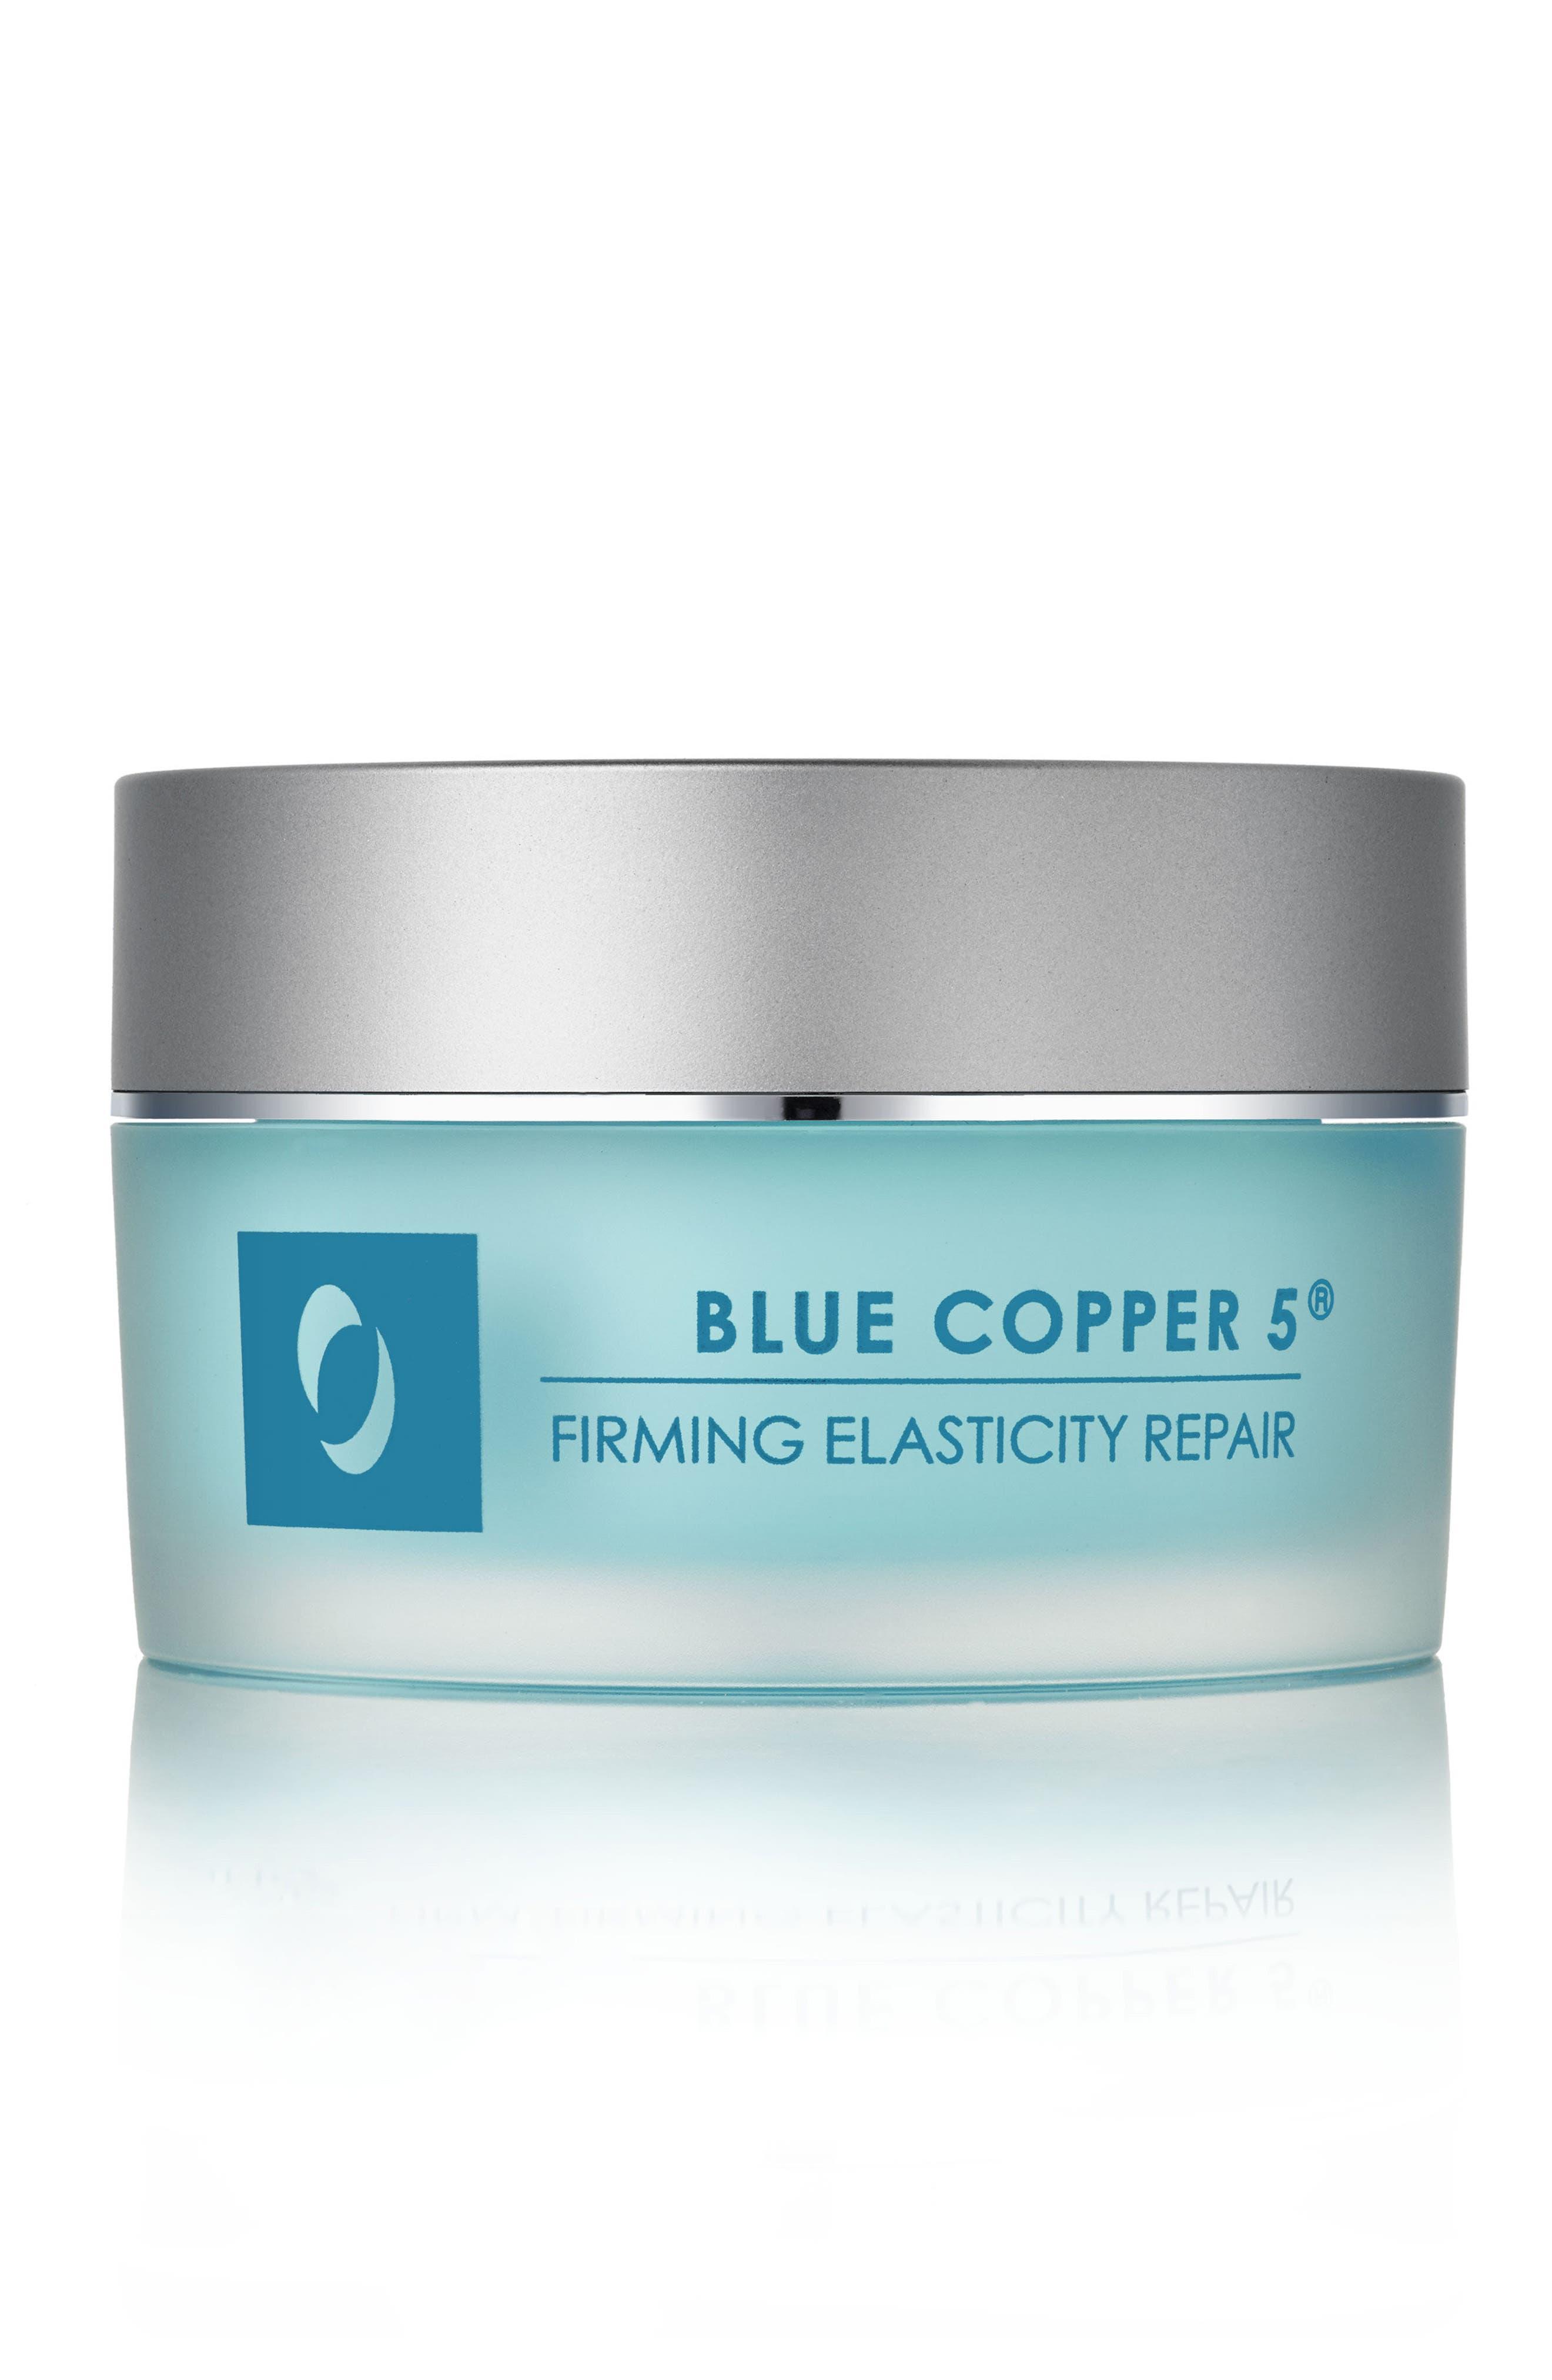 Osmotics Cosmeceuticals Blue Copper 5 Firming Elasticity Repair ($450 Value)